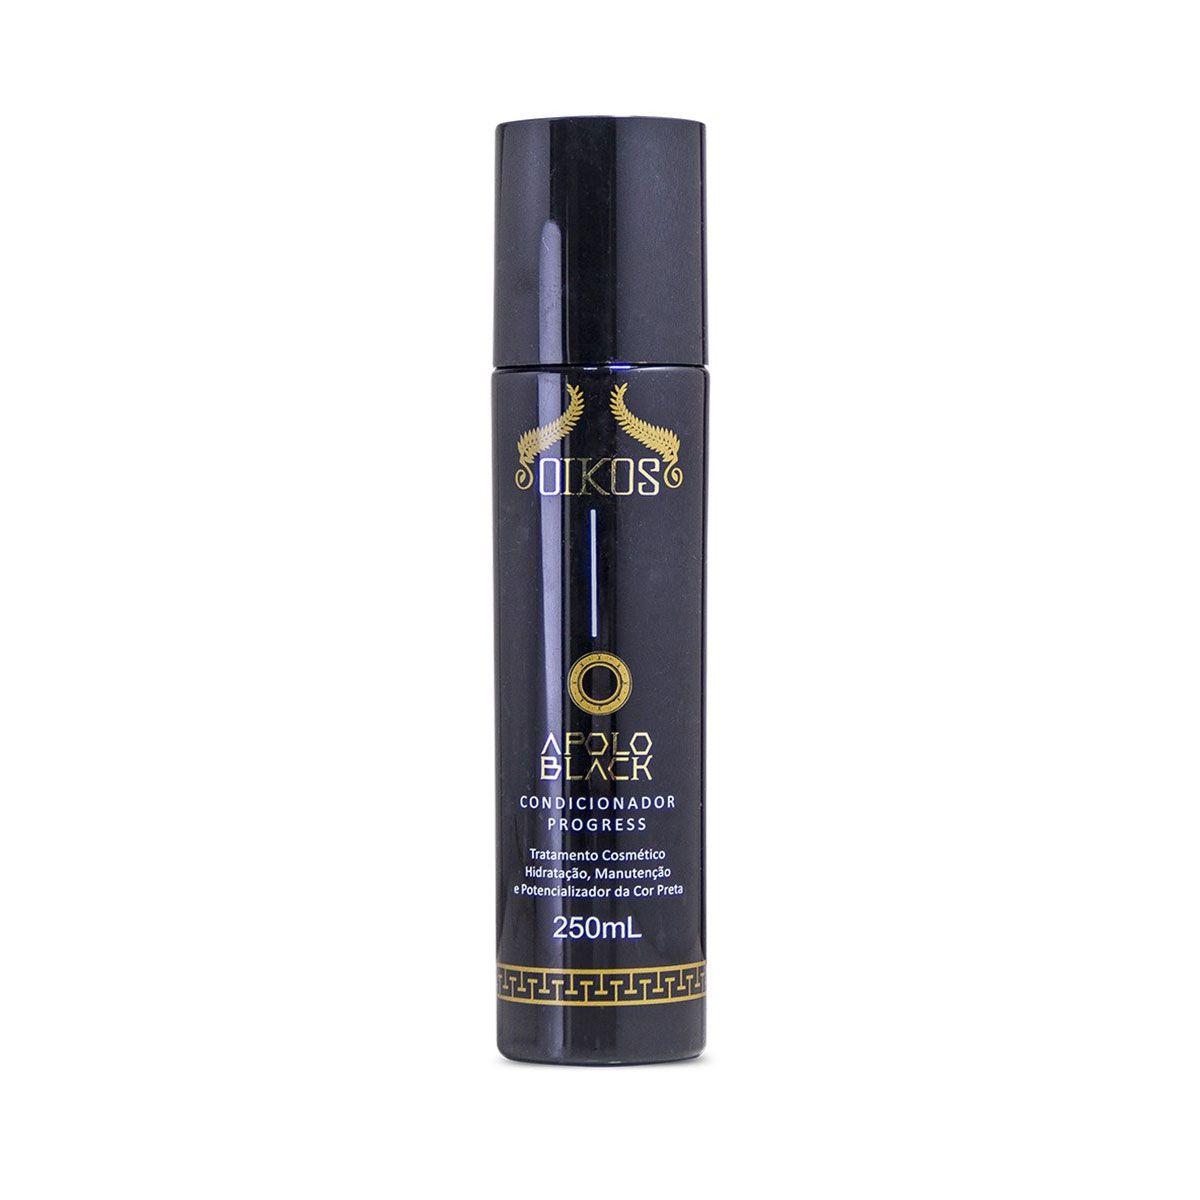 Shampoo Apolo Black 250ml+Máscara Matizadora 500 Gramas+Botox 500gr Keratina Hidrolisada